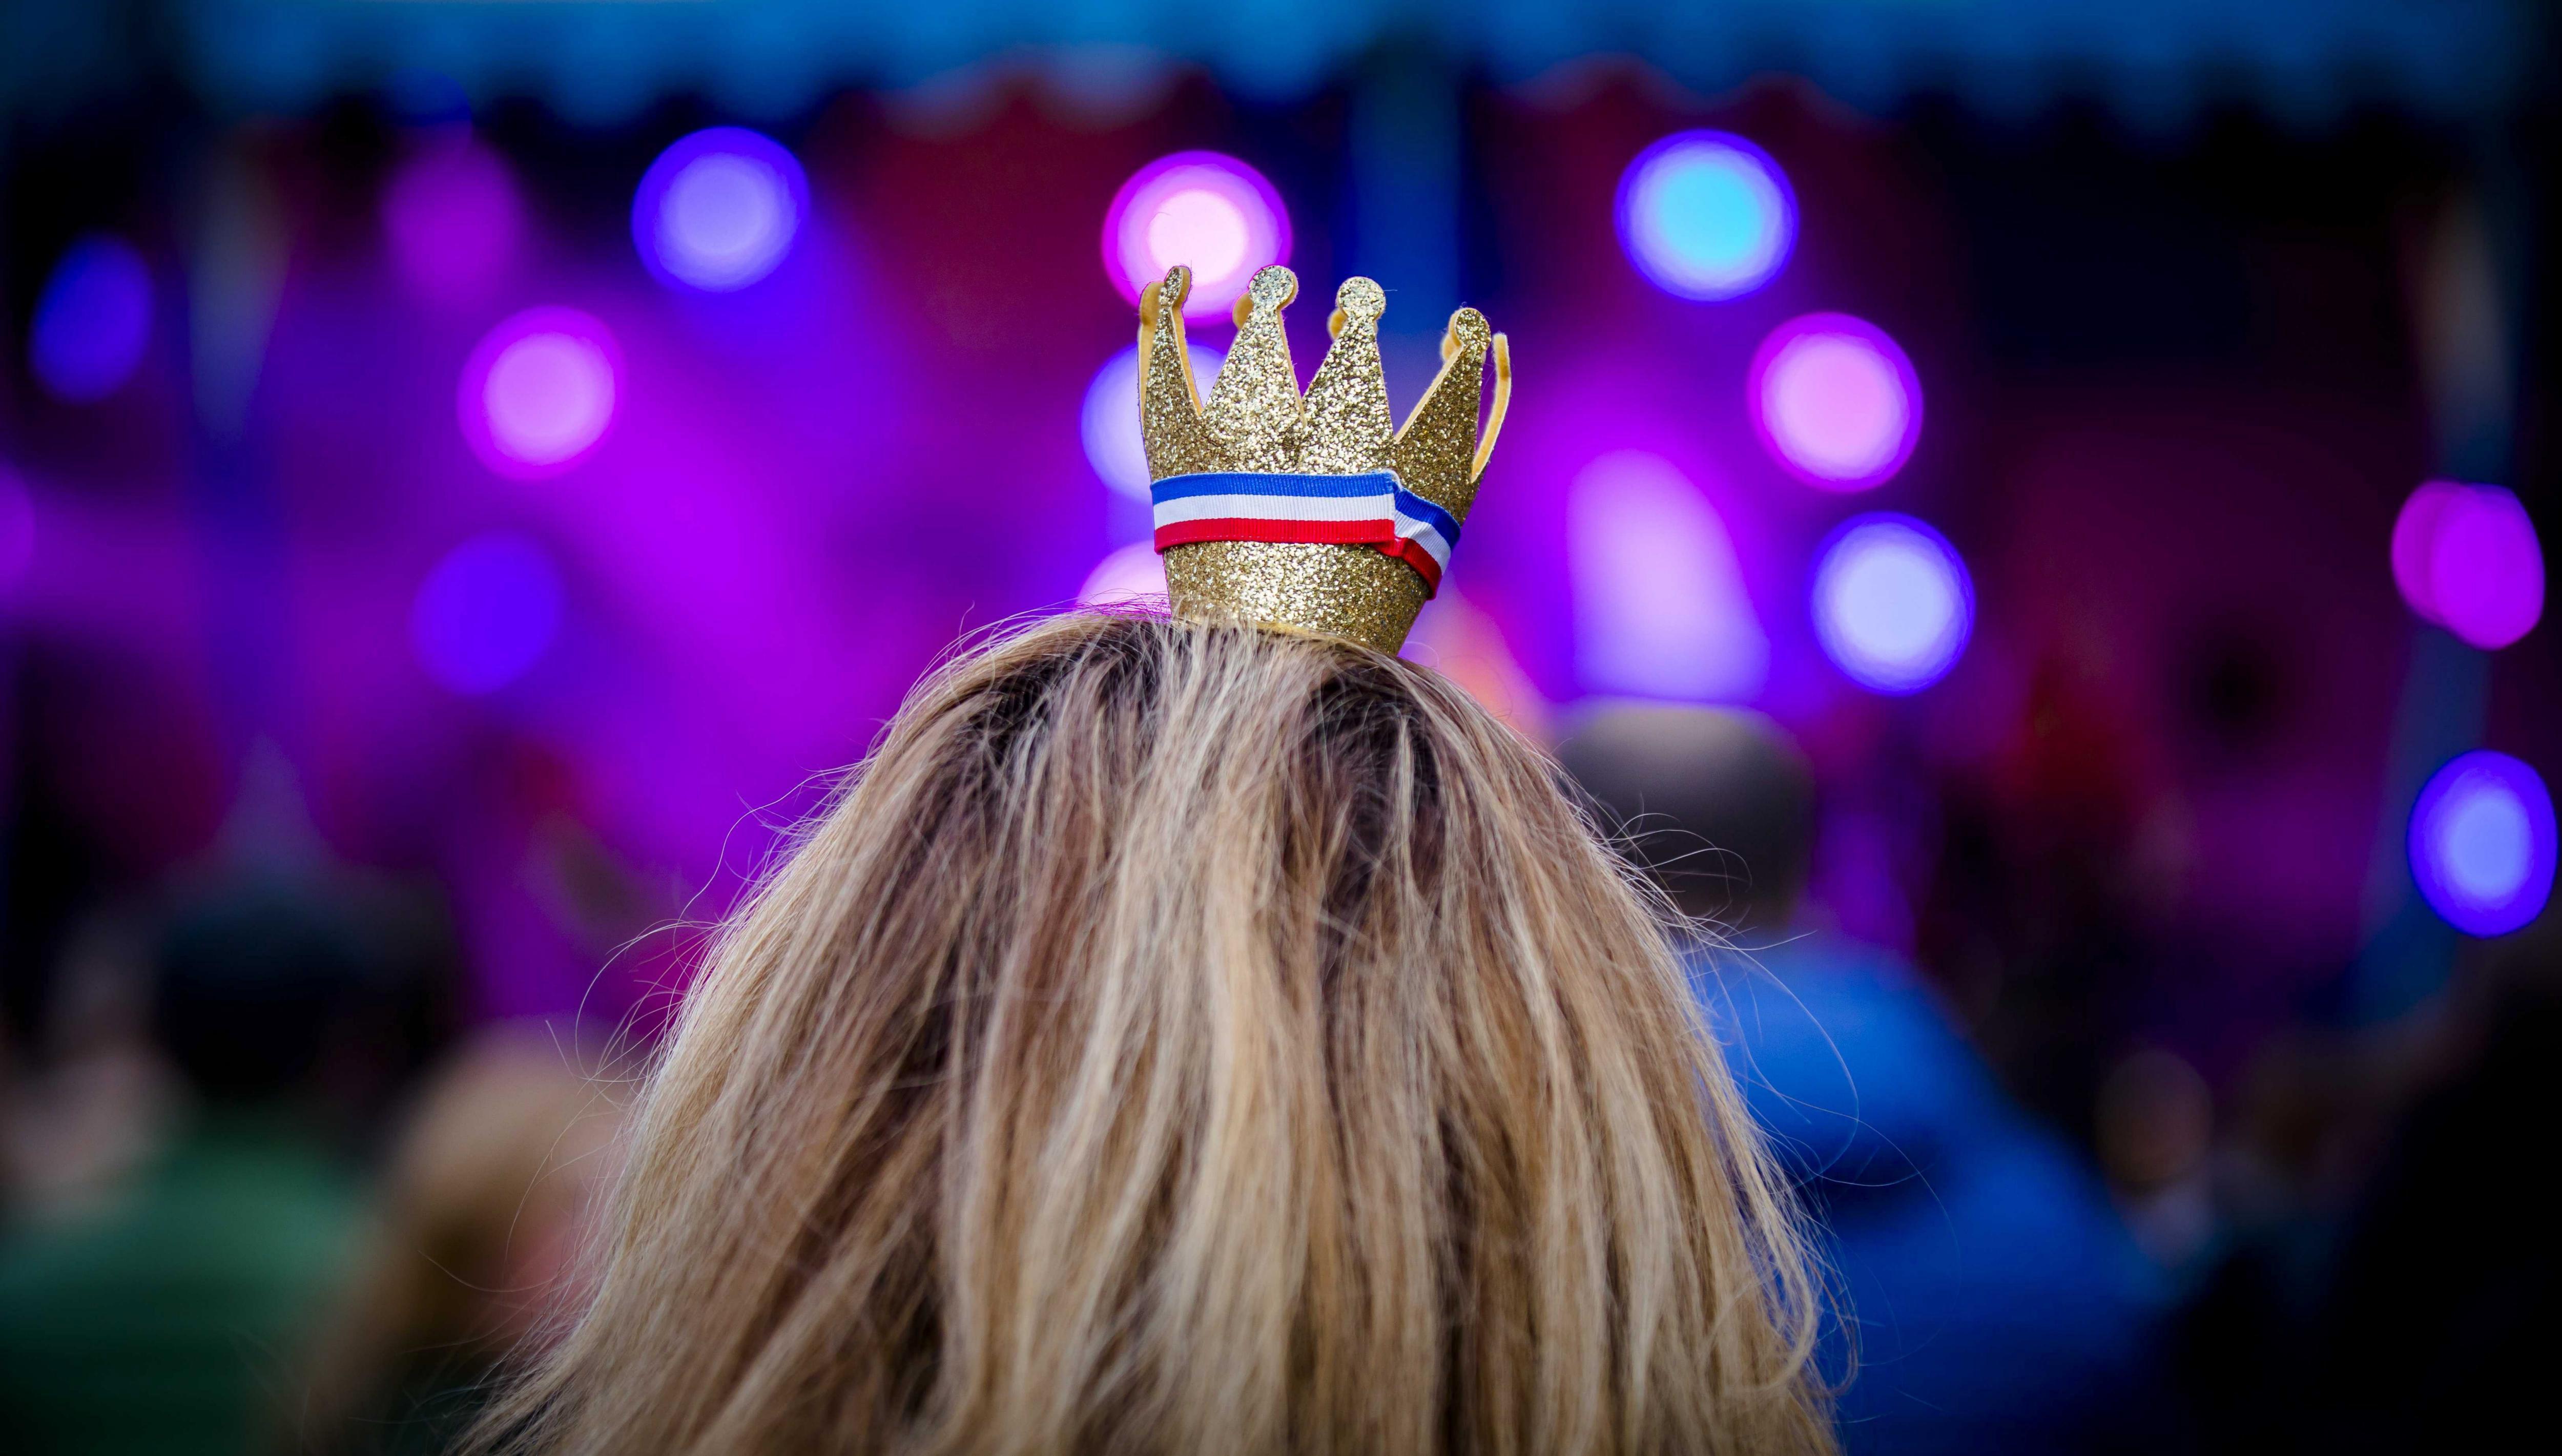 Una dona celebra l'aniversari del rei Guillermo-Alejandro, que aquest any compleix 50 anys (Holanda). / BART MAAT